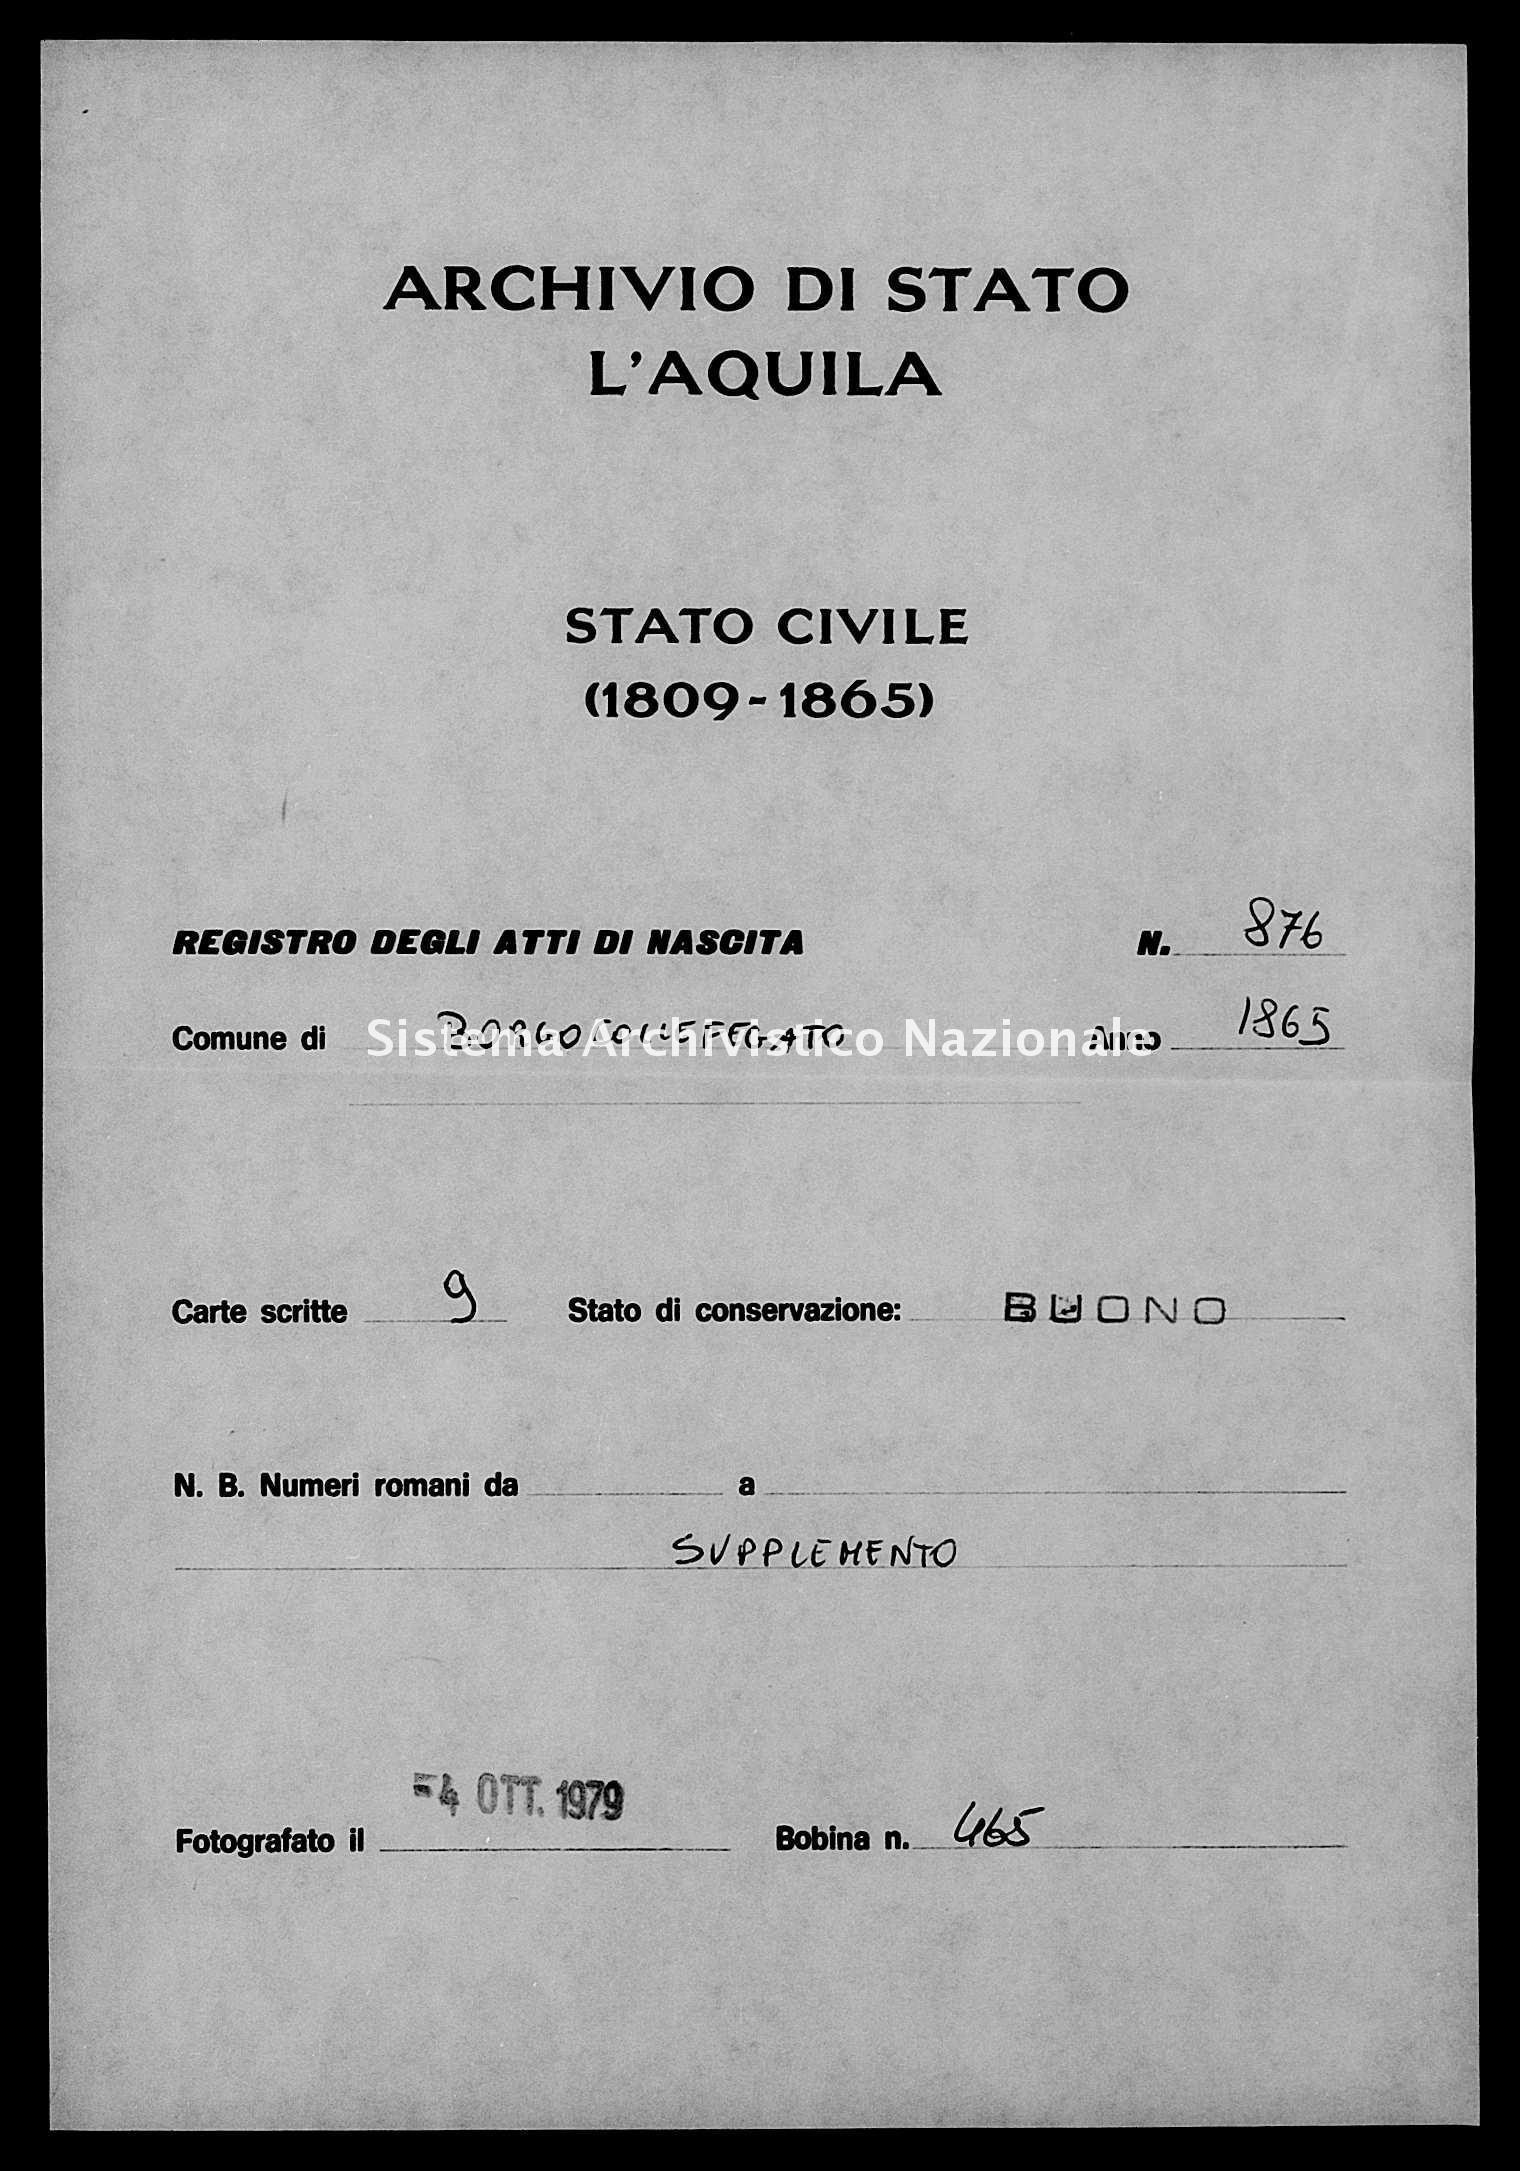 Archivio di stato di L'aquila - Stato civile italiano - Borgocollefegato - Nati, esposti - 1865 - 876 -